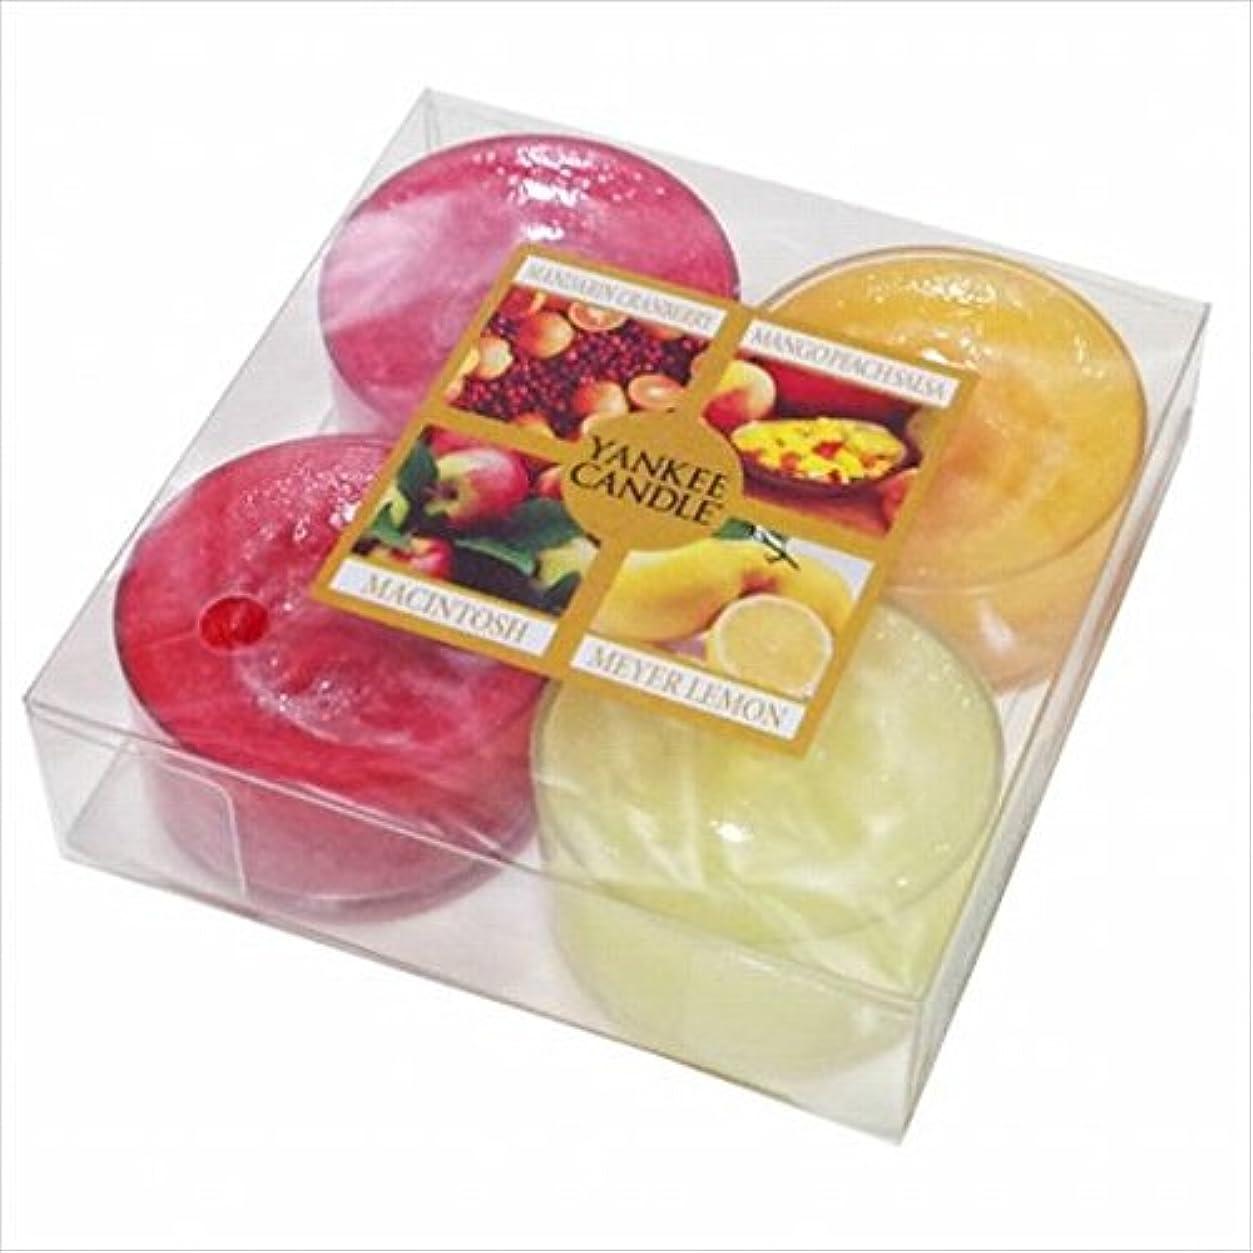 ハロウィン呼び出す細菌カメヤマキャンドル(kameyama candle) YANKEE CANDLE クリアカップティーライト4個入り アソート 「 フルーツ 」